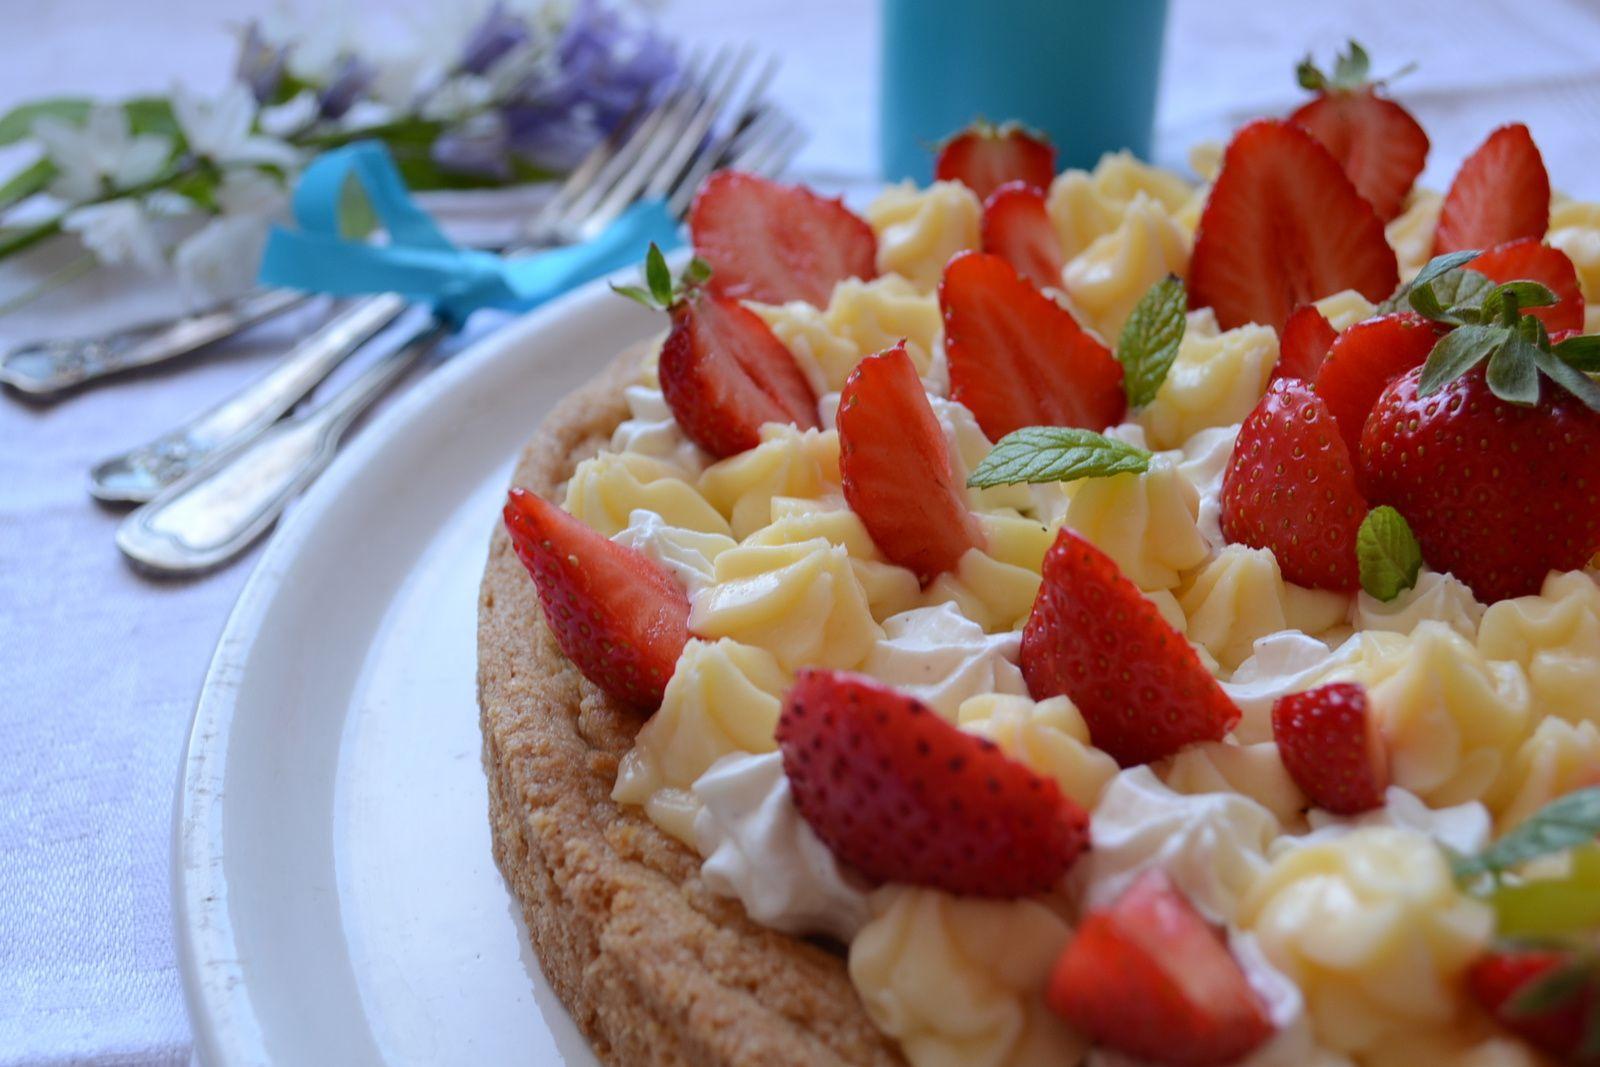 Fantastik fraises citron #anniversaire